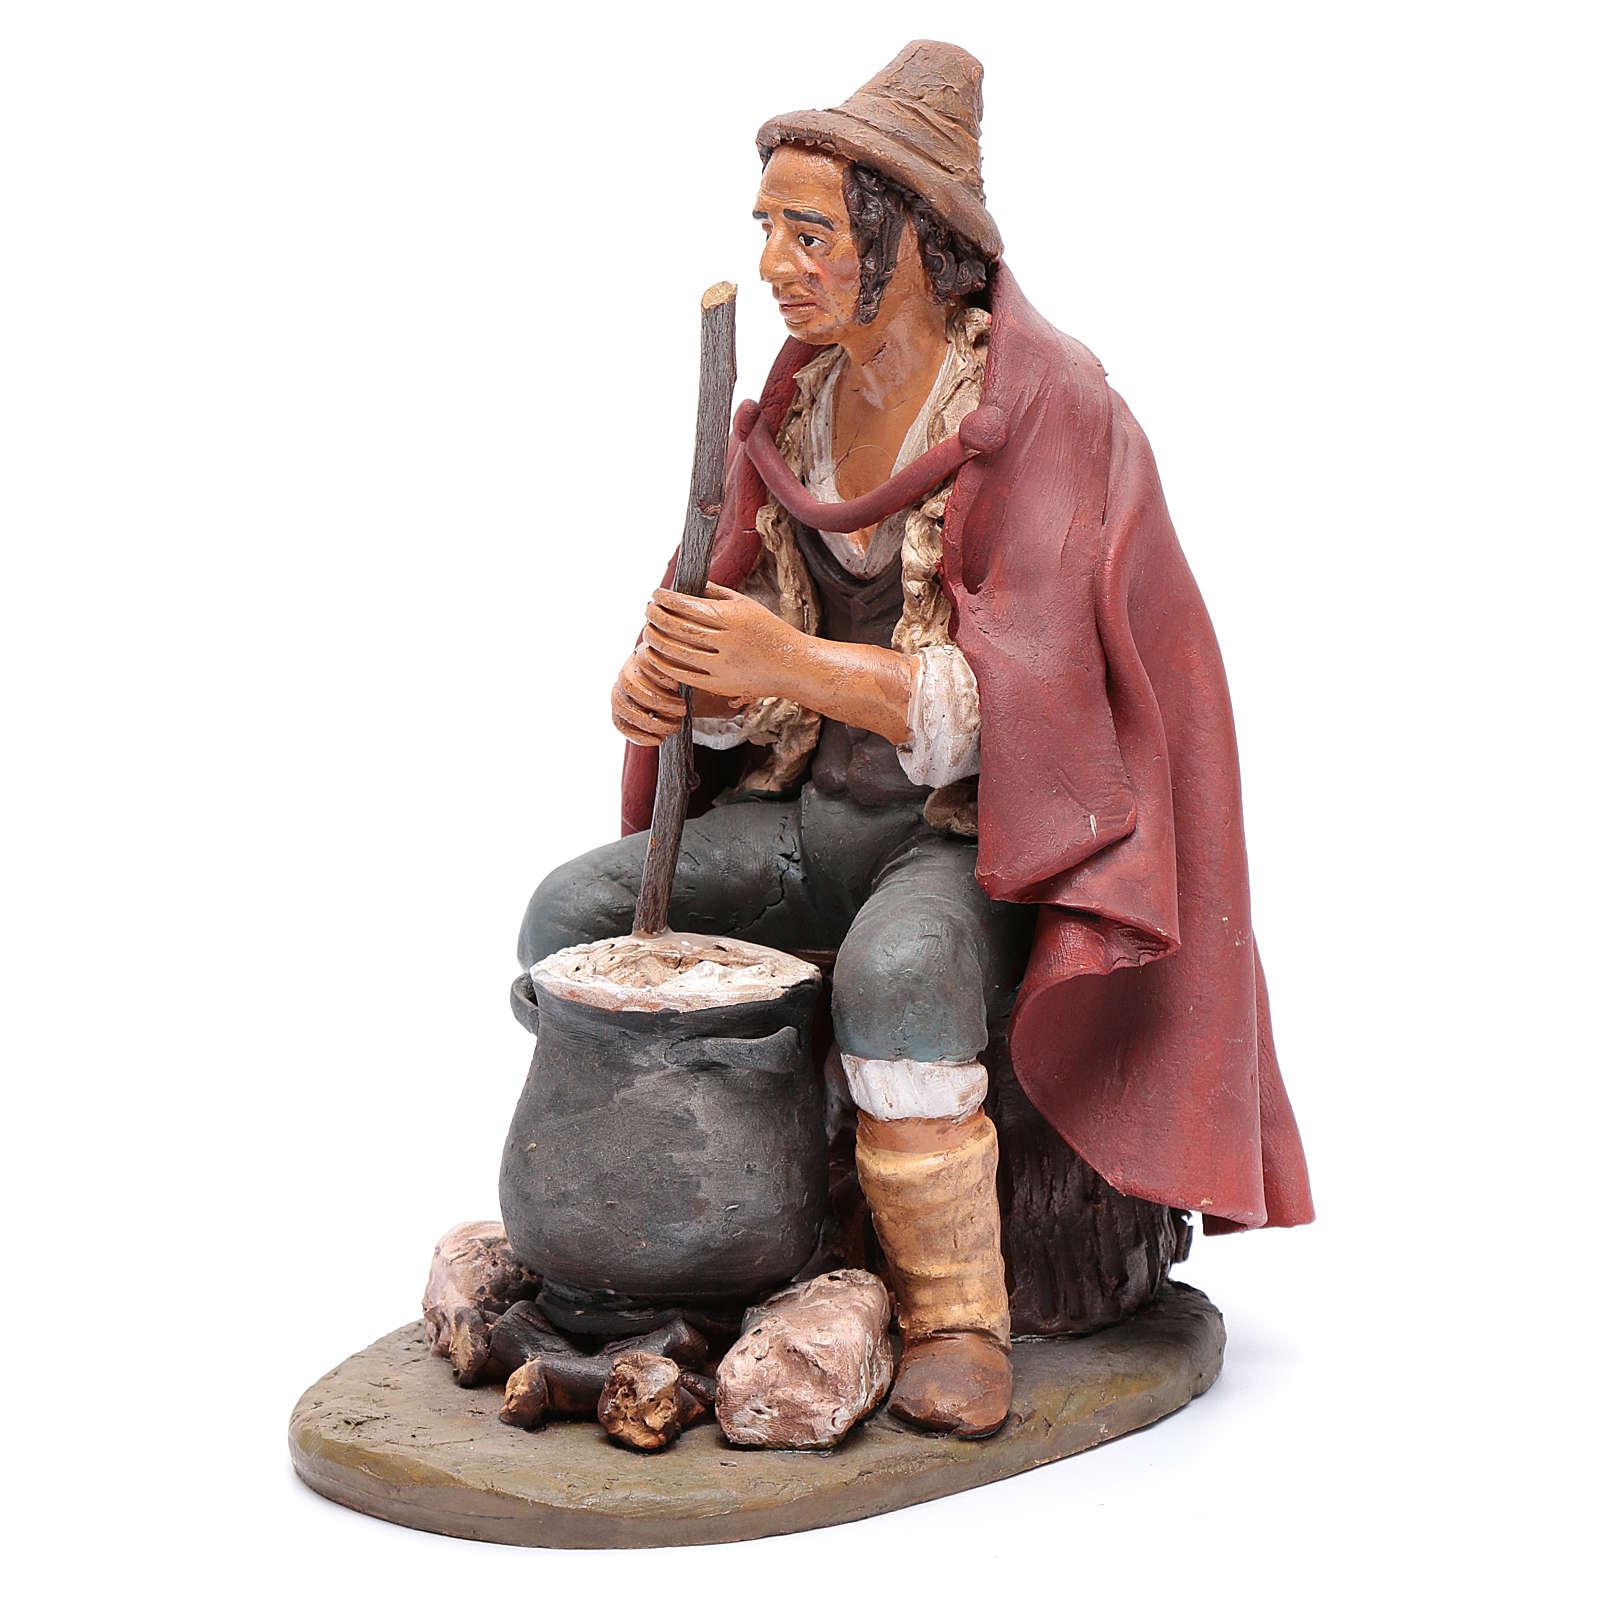 Pastore con ricotta presepe Deruta 30 cm terracotta 4